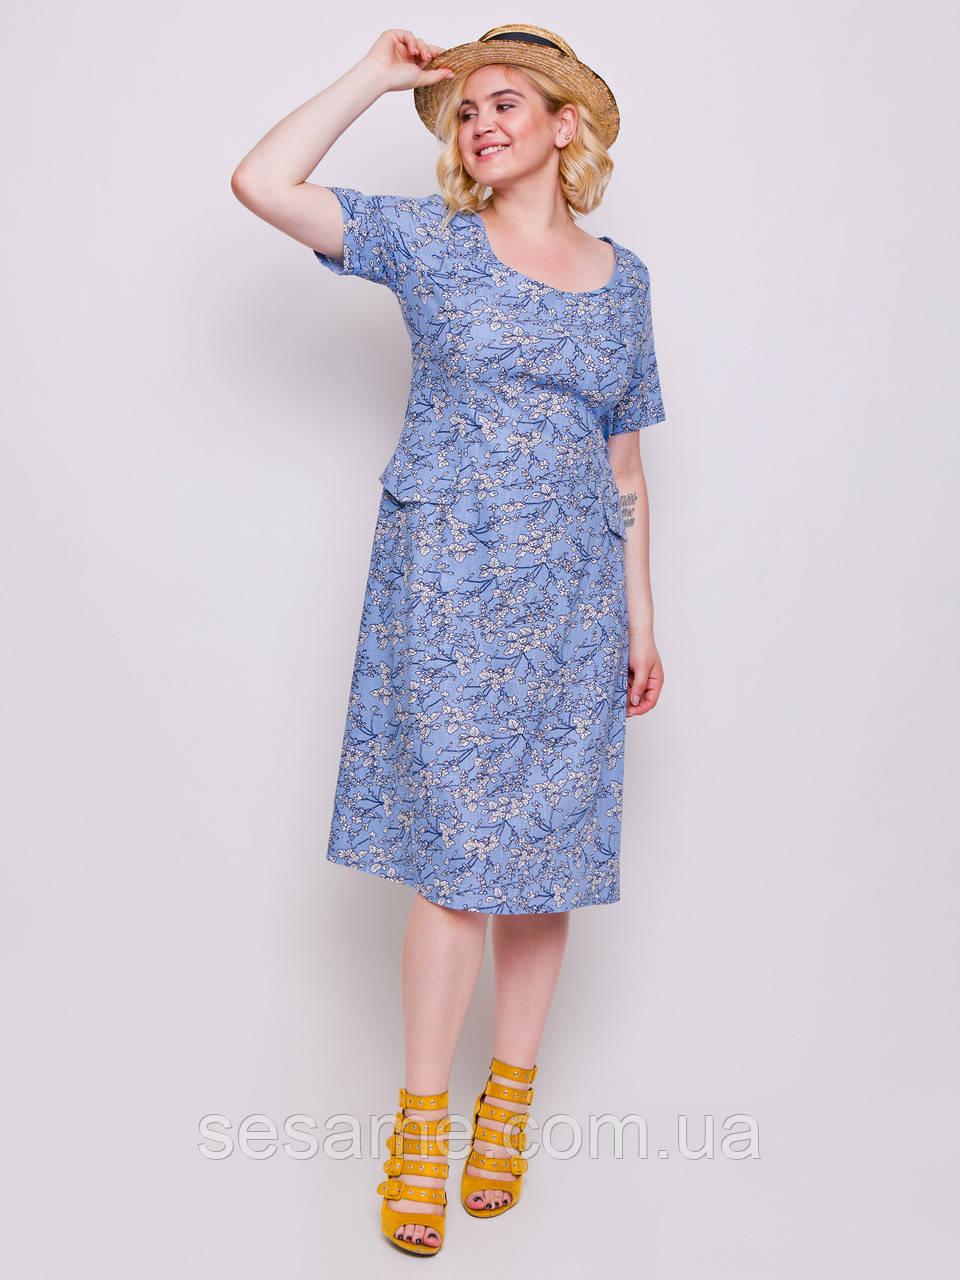 grand ua Вайолет платье